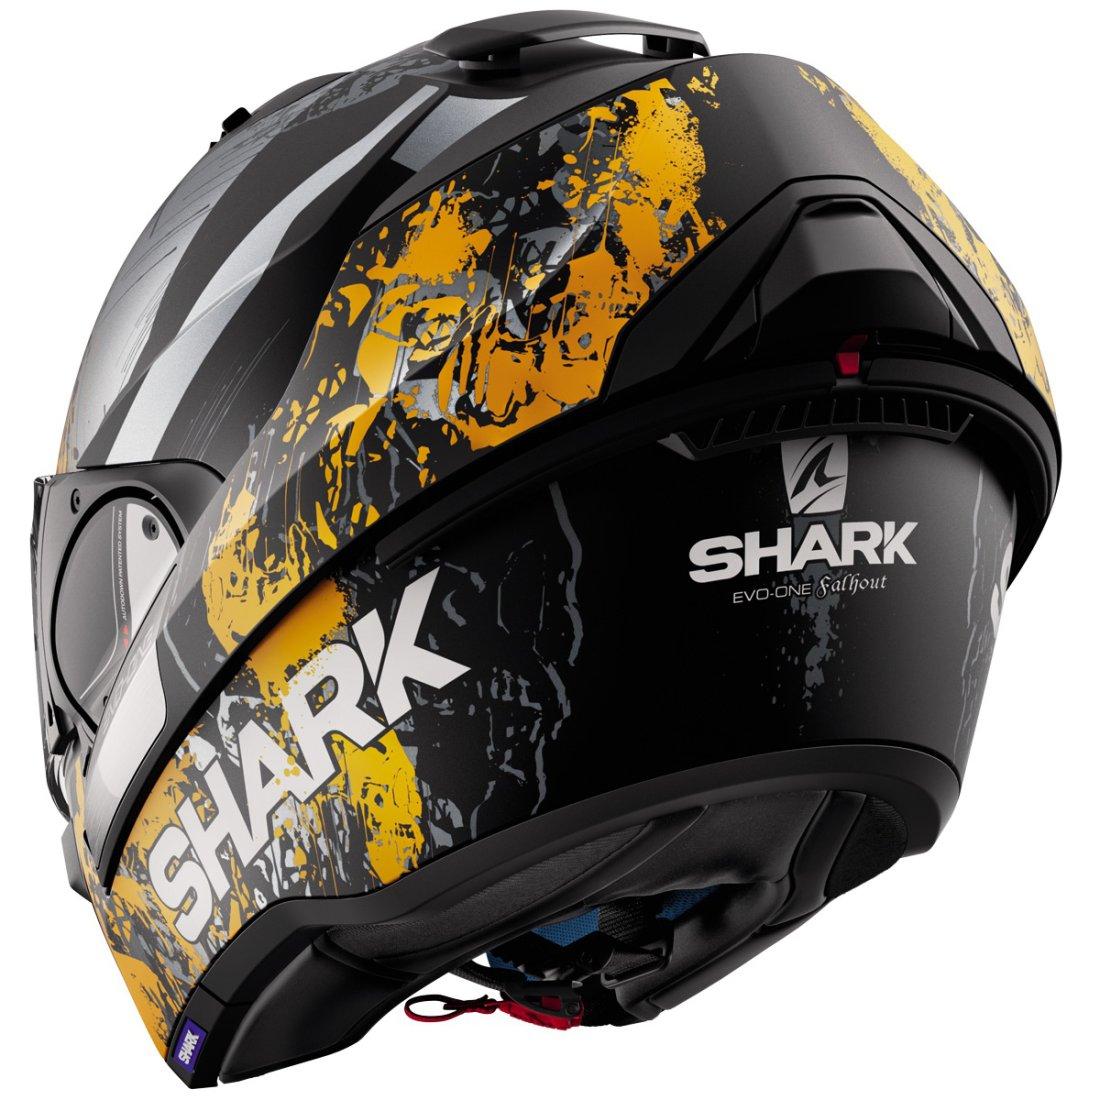 shark evo one falhout mat black orange anthracite helmet motocard. Black Bedroom Furniture Sets. Home Design Ideas